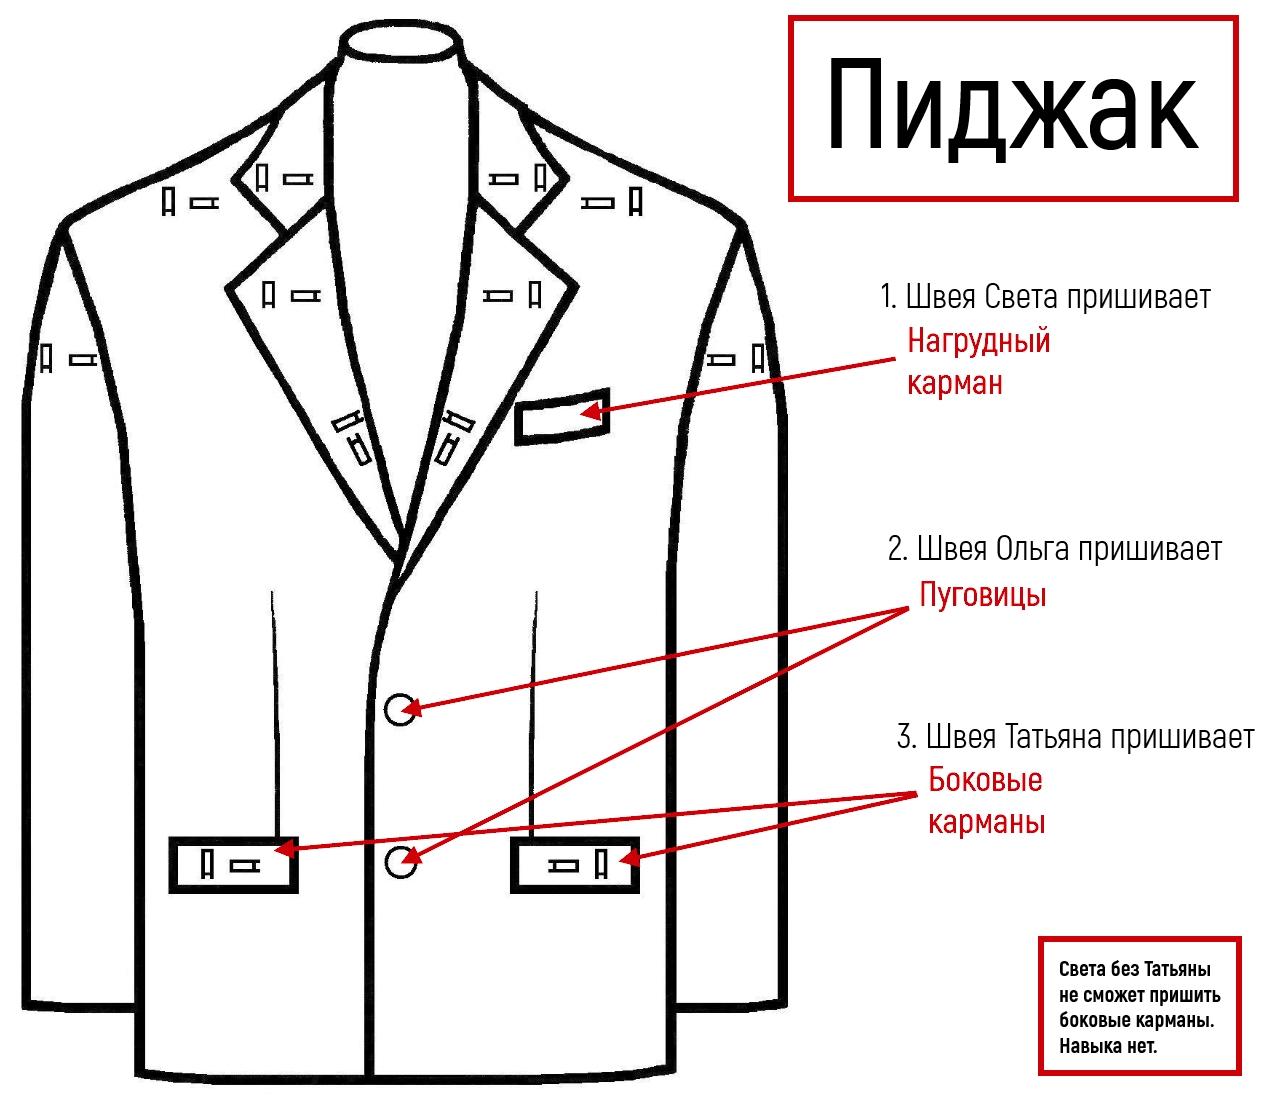 Действие — операция. Что делают с изделием? Пришивают нагрудный карман, пуговицы, боковые карманы. Вид — единица. Какую одежду отшивают? Пиджаки, рубашки, куртки.